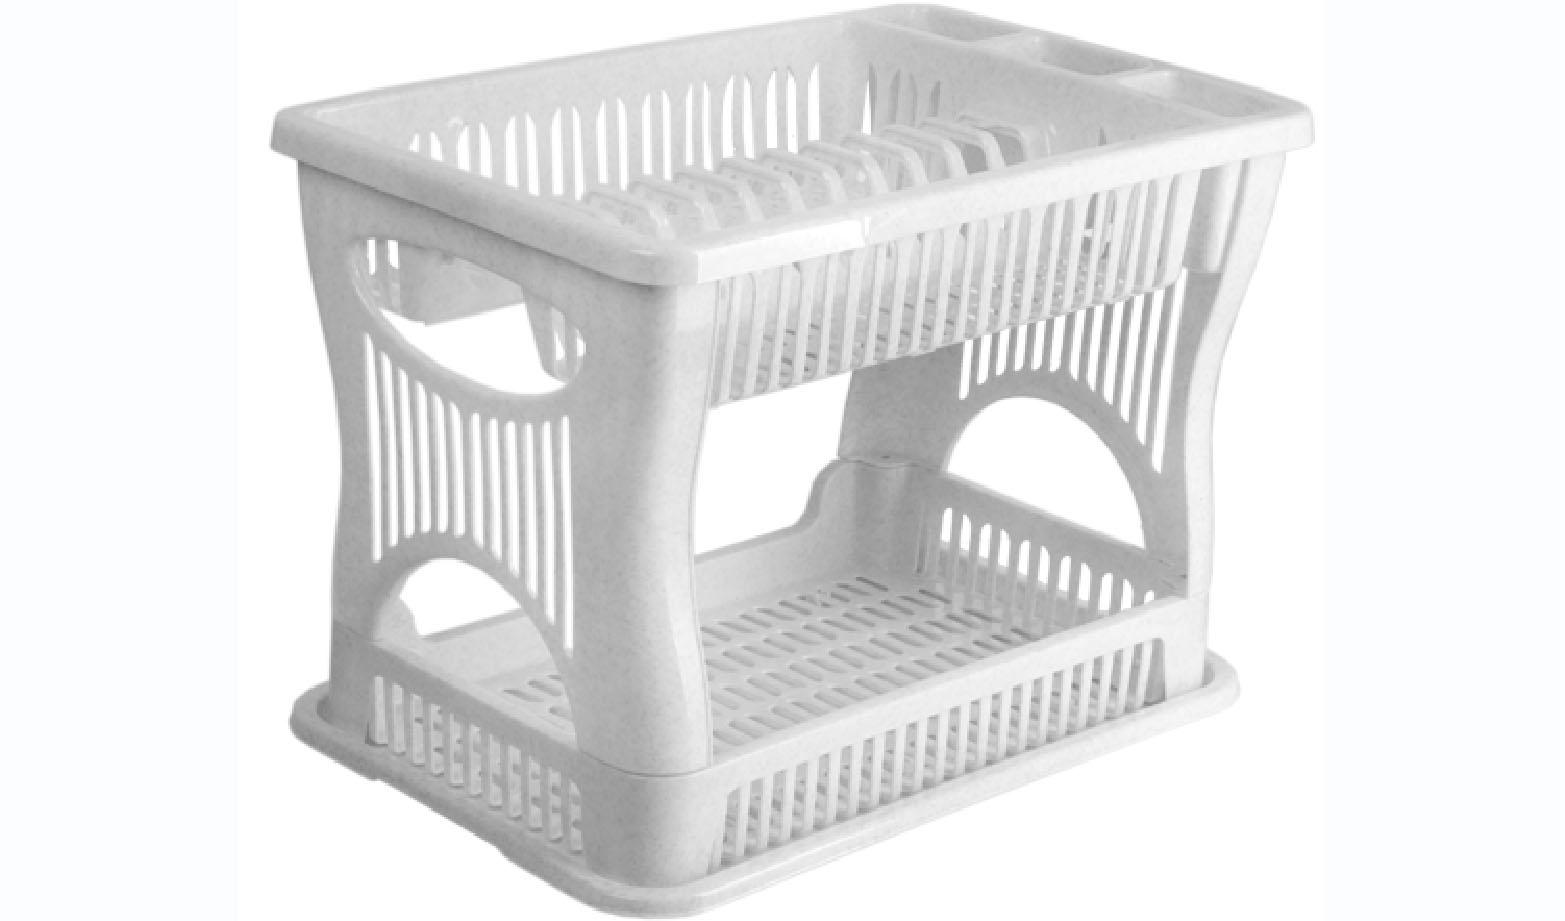 Сушилка для посуды Idea, 2-ярусная, цвет: мраморный, 42 х 27 х 30,5 смМ 1175Двухъярусная сушилка Idea выполнена из прочного пластика и оснащена поддоном. Изделие комплектуется двумя ярусами: верхний ярус - для тарелок и столовых приборов, нижний ярус - для кружек, мисок и других предметов. Благодаря своей функциональности, сушилка для посуды Idea займет достойное место на вашей кухне и будет очень полезна любой хозяйке. Стильный, современный и лаконичный дизайн сделает сушилку прекрасным дополнением интерьера вашей кухни. Сушилку для посуды можете установить в любом удобном месте. Компактные размеры и оригинальный дизайн выделяют сушилку из ряда подобных.Общий размер сушилки: 42 х 27 х 30,5 см.